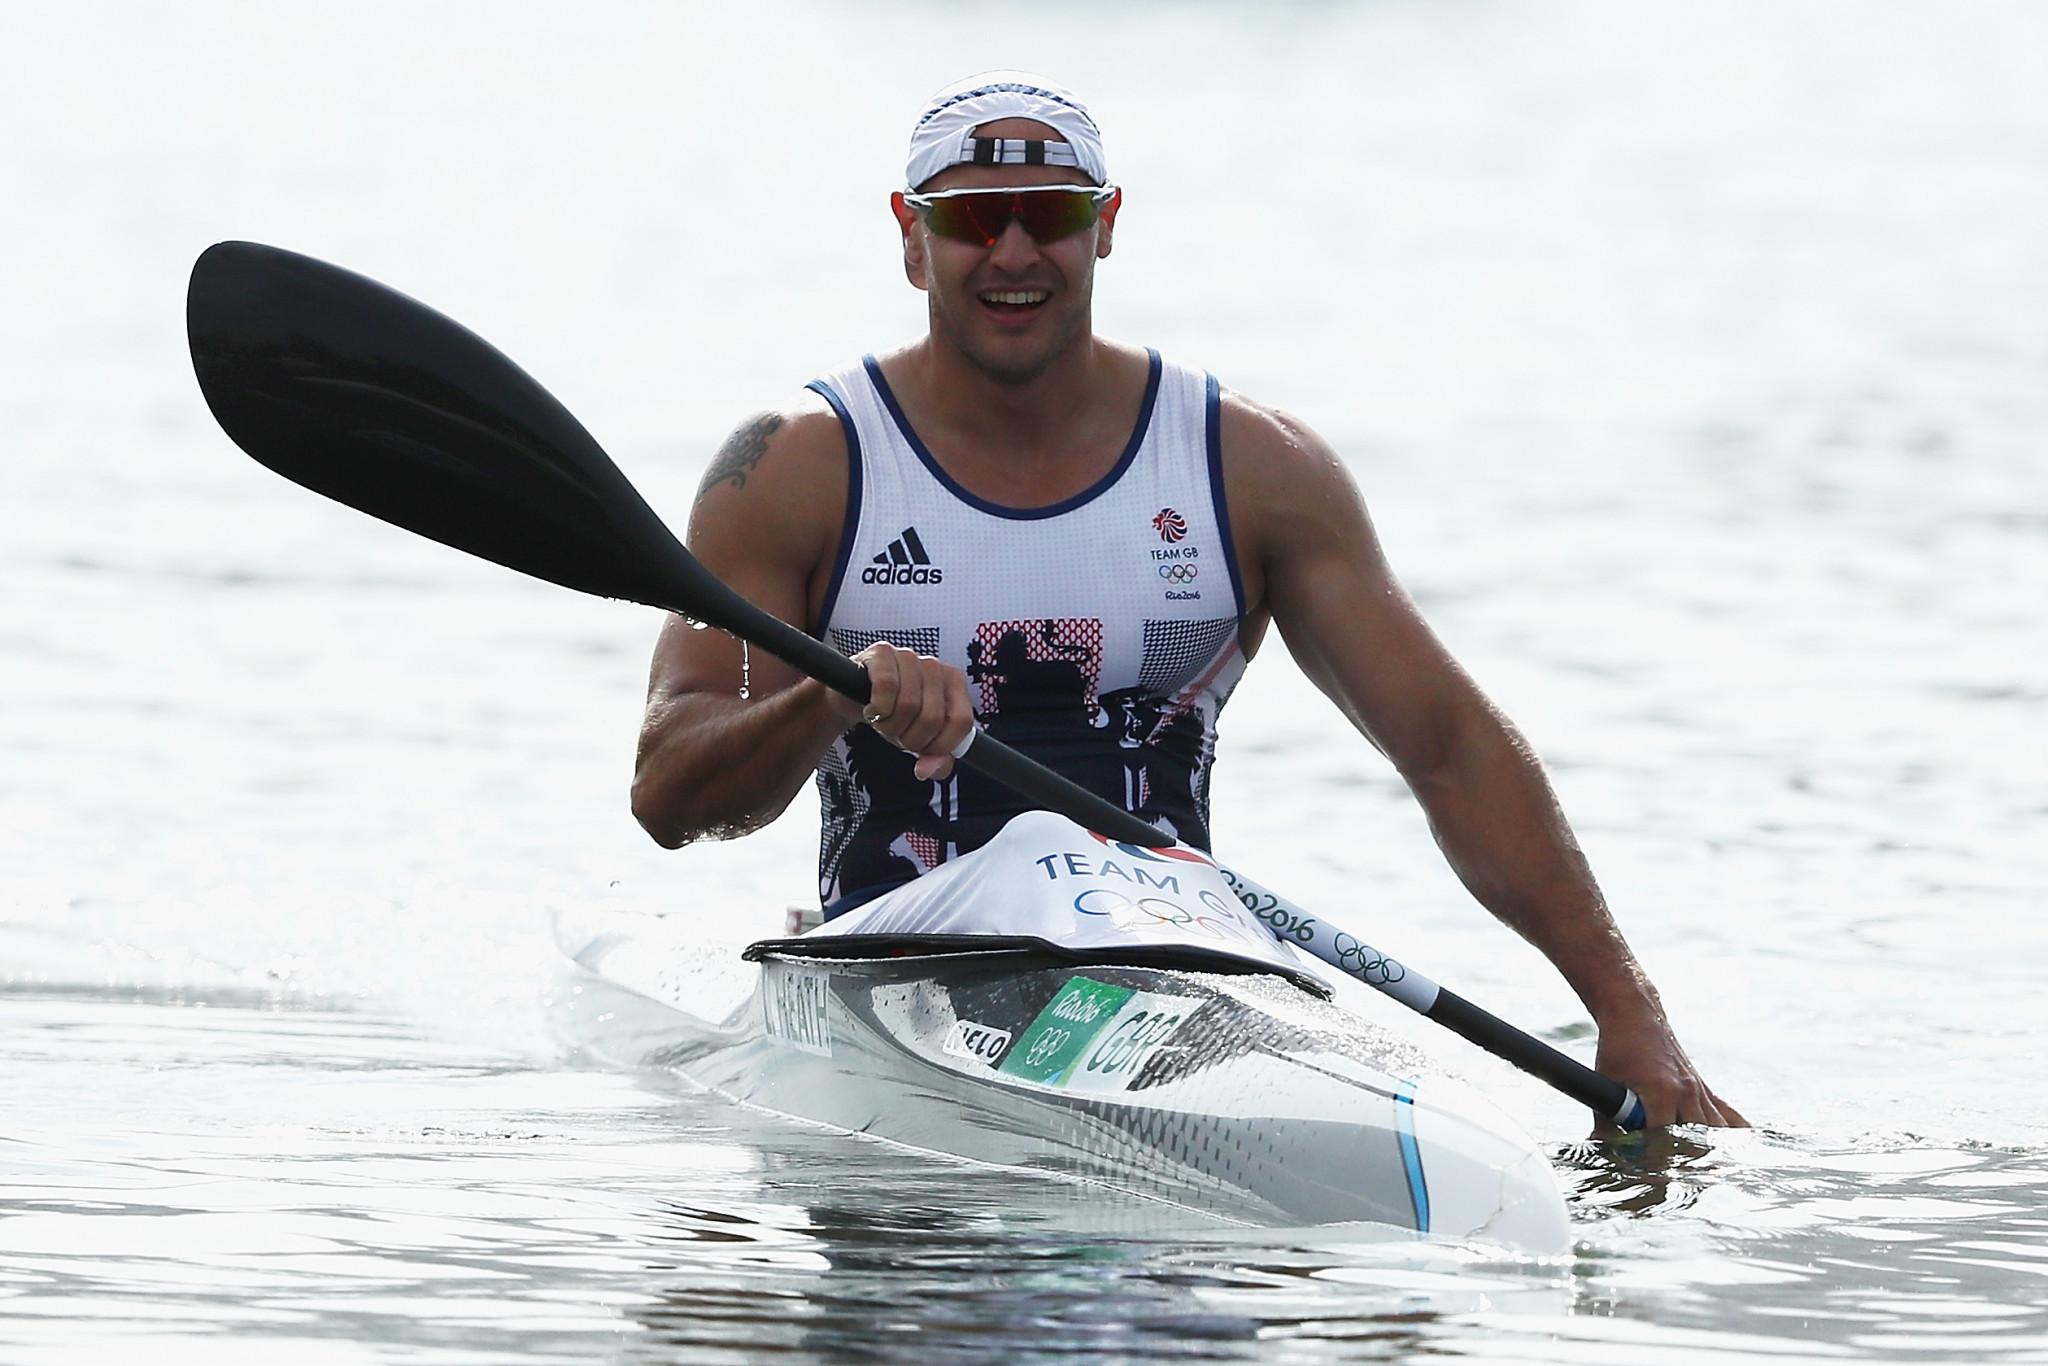 Liam Heath ganó hoy la carrera masculina de K1 200m © Getty Images